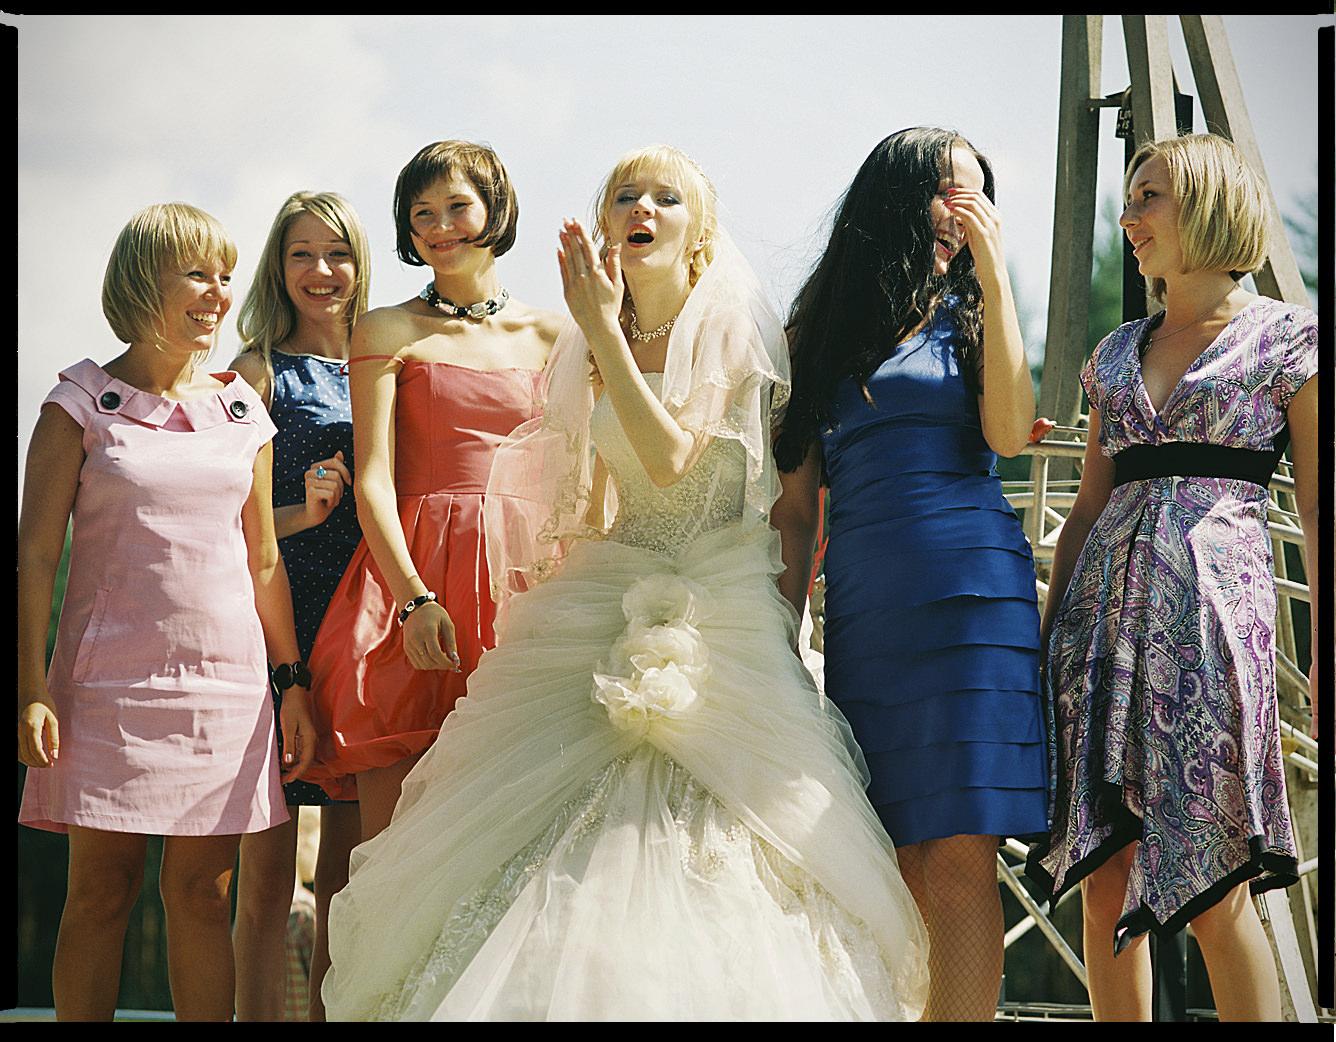 MediumFormatPatrikWallner_Yekaterinburg_WeddingGirlsLOWQ